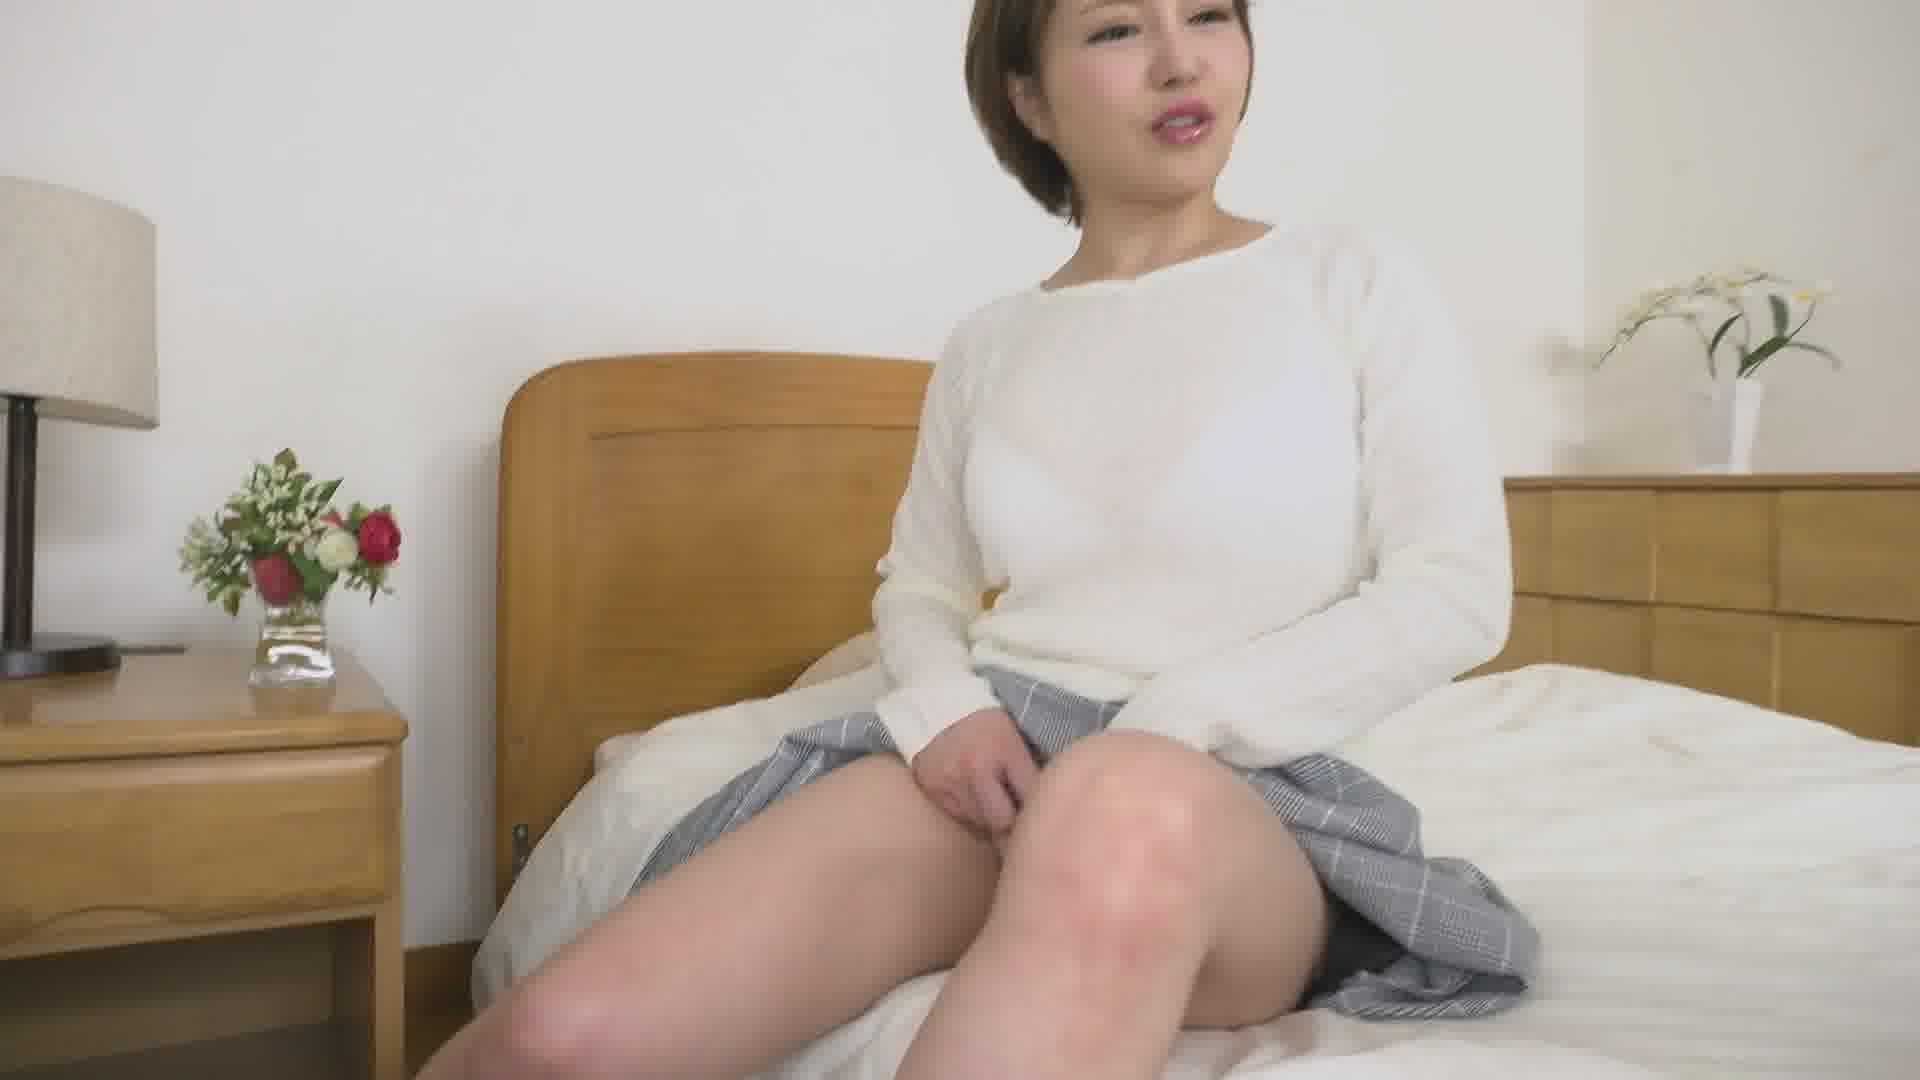 マンコをさらして息子の同級生を誘惑する母 - 双葉みお【痴女・巨乳・中出し】